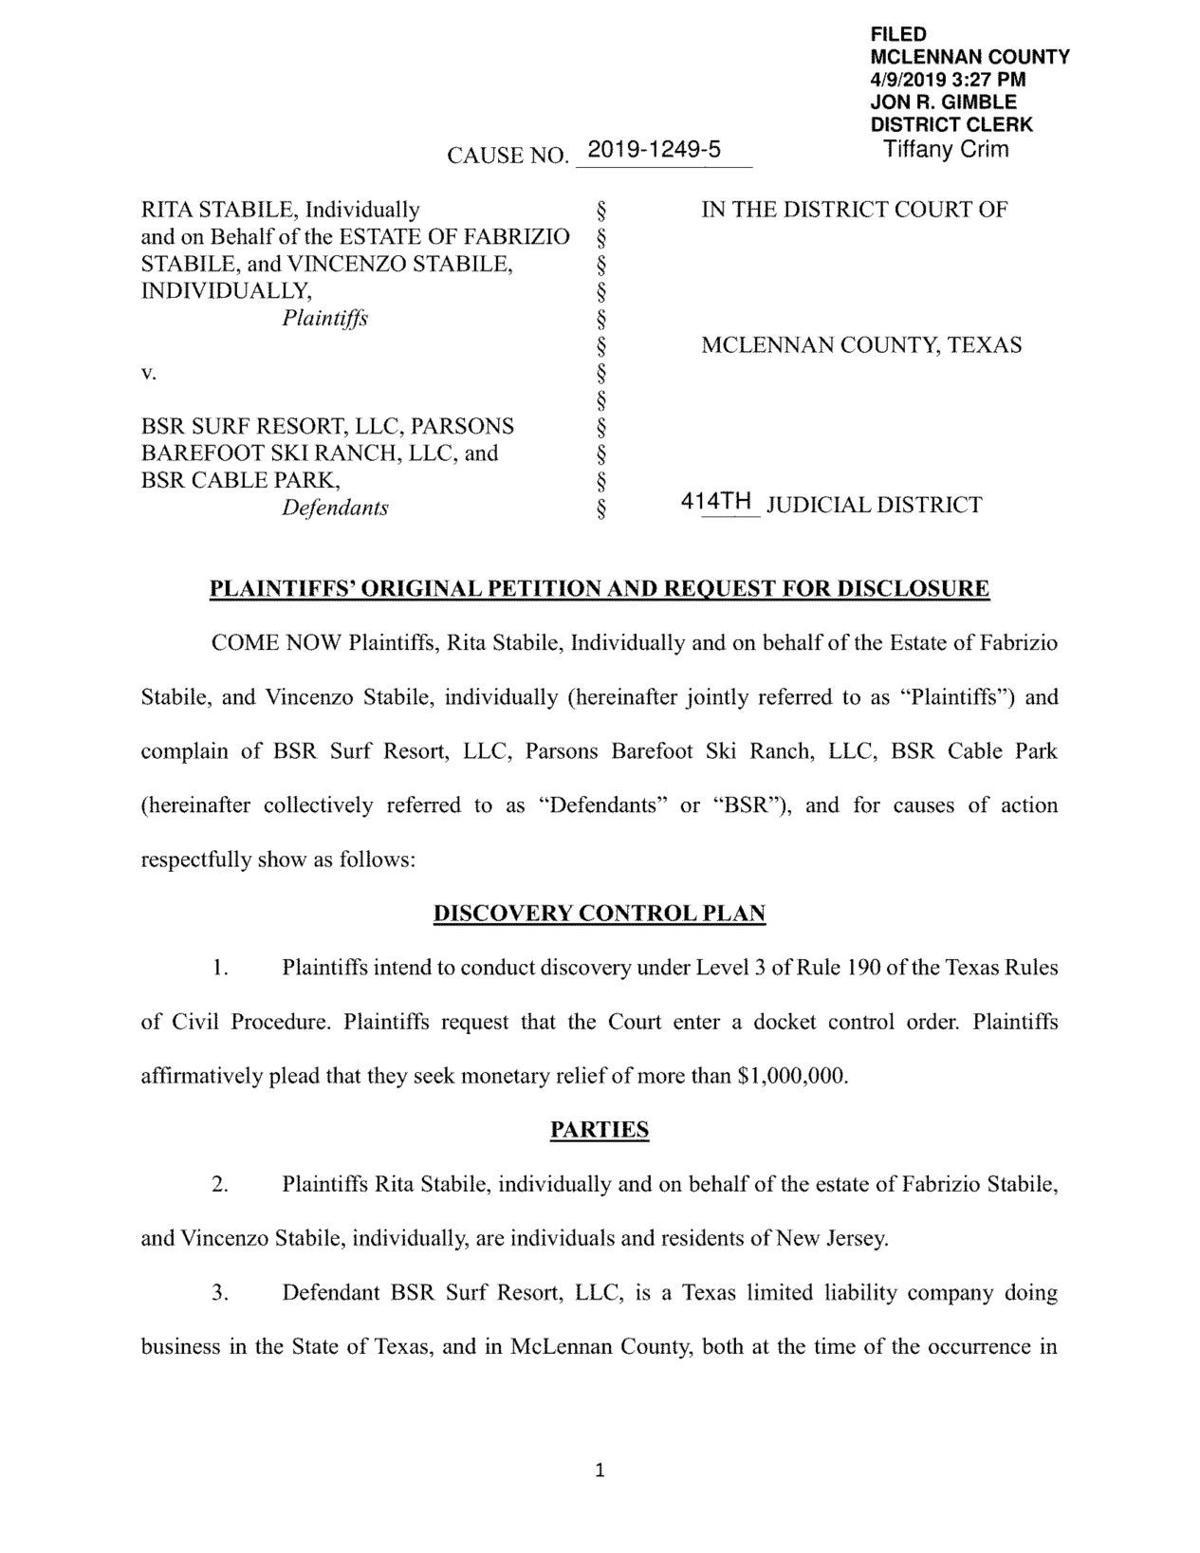 BSR lawsuit